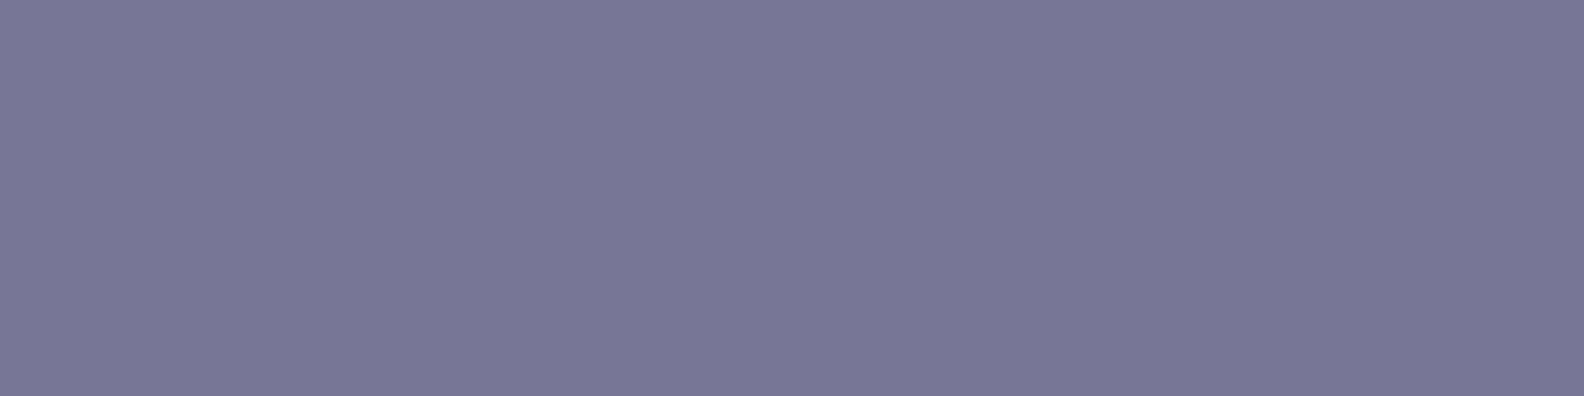 1584x396 Rhythm Solid Color Background